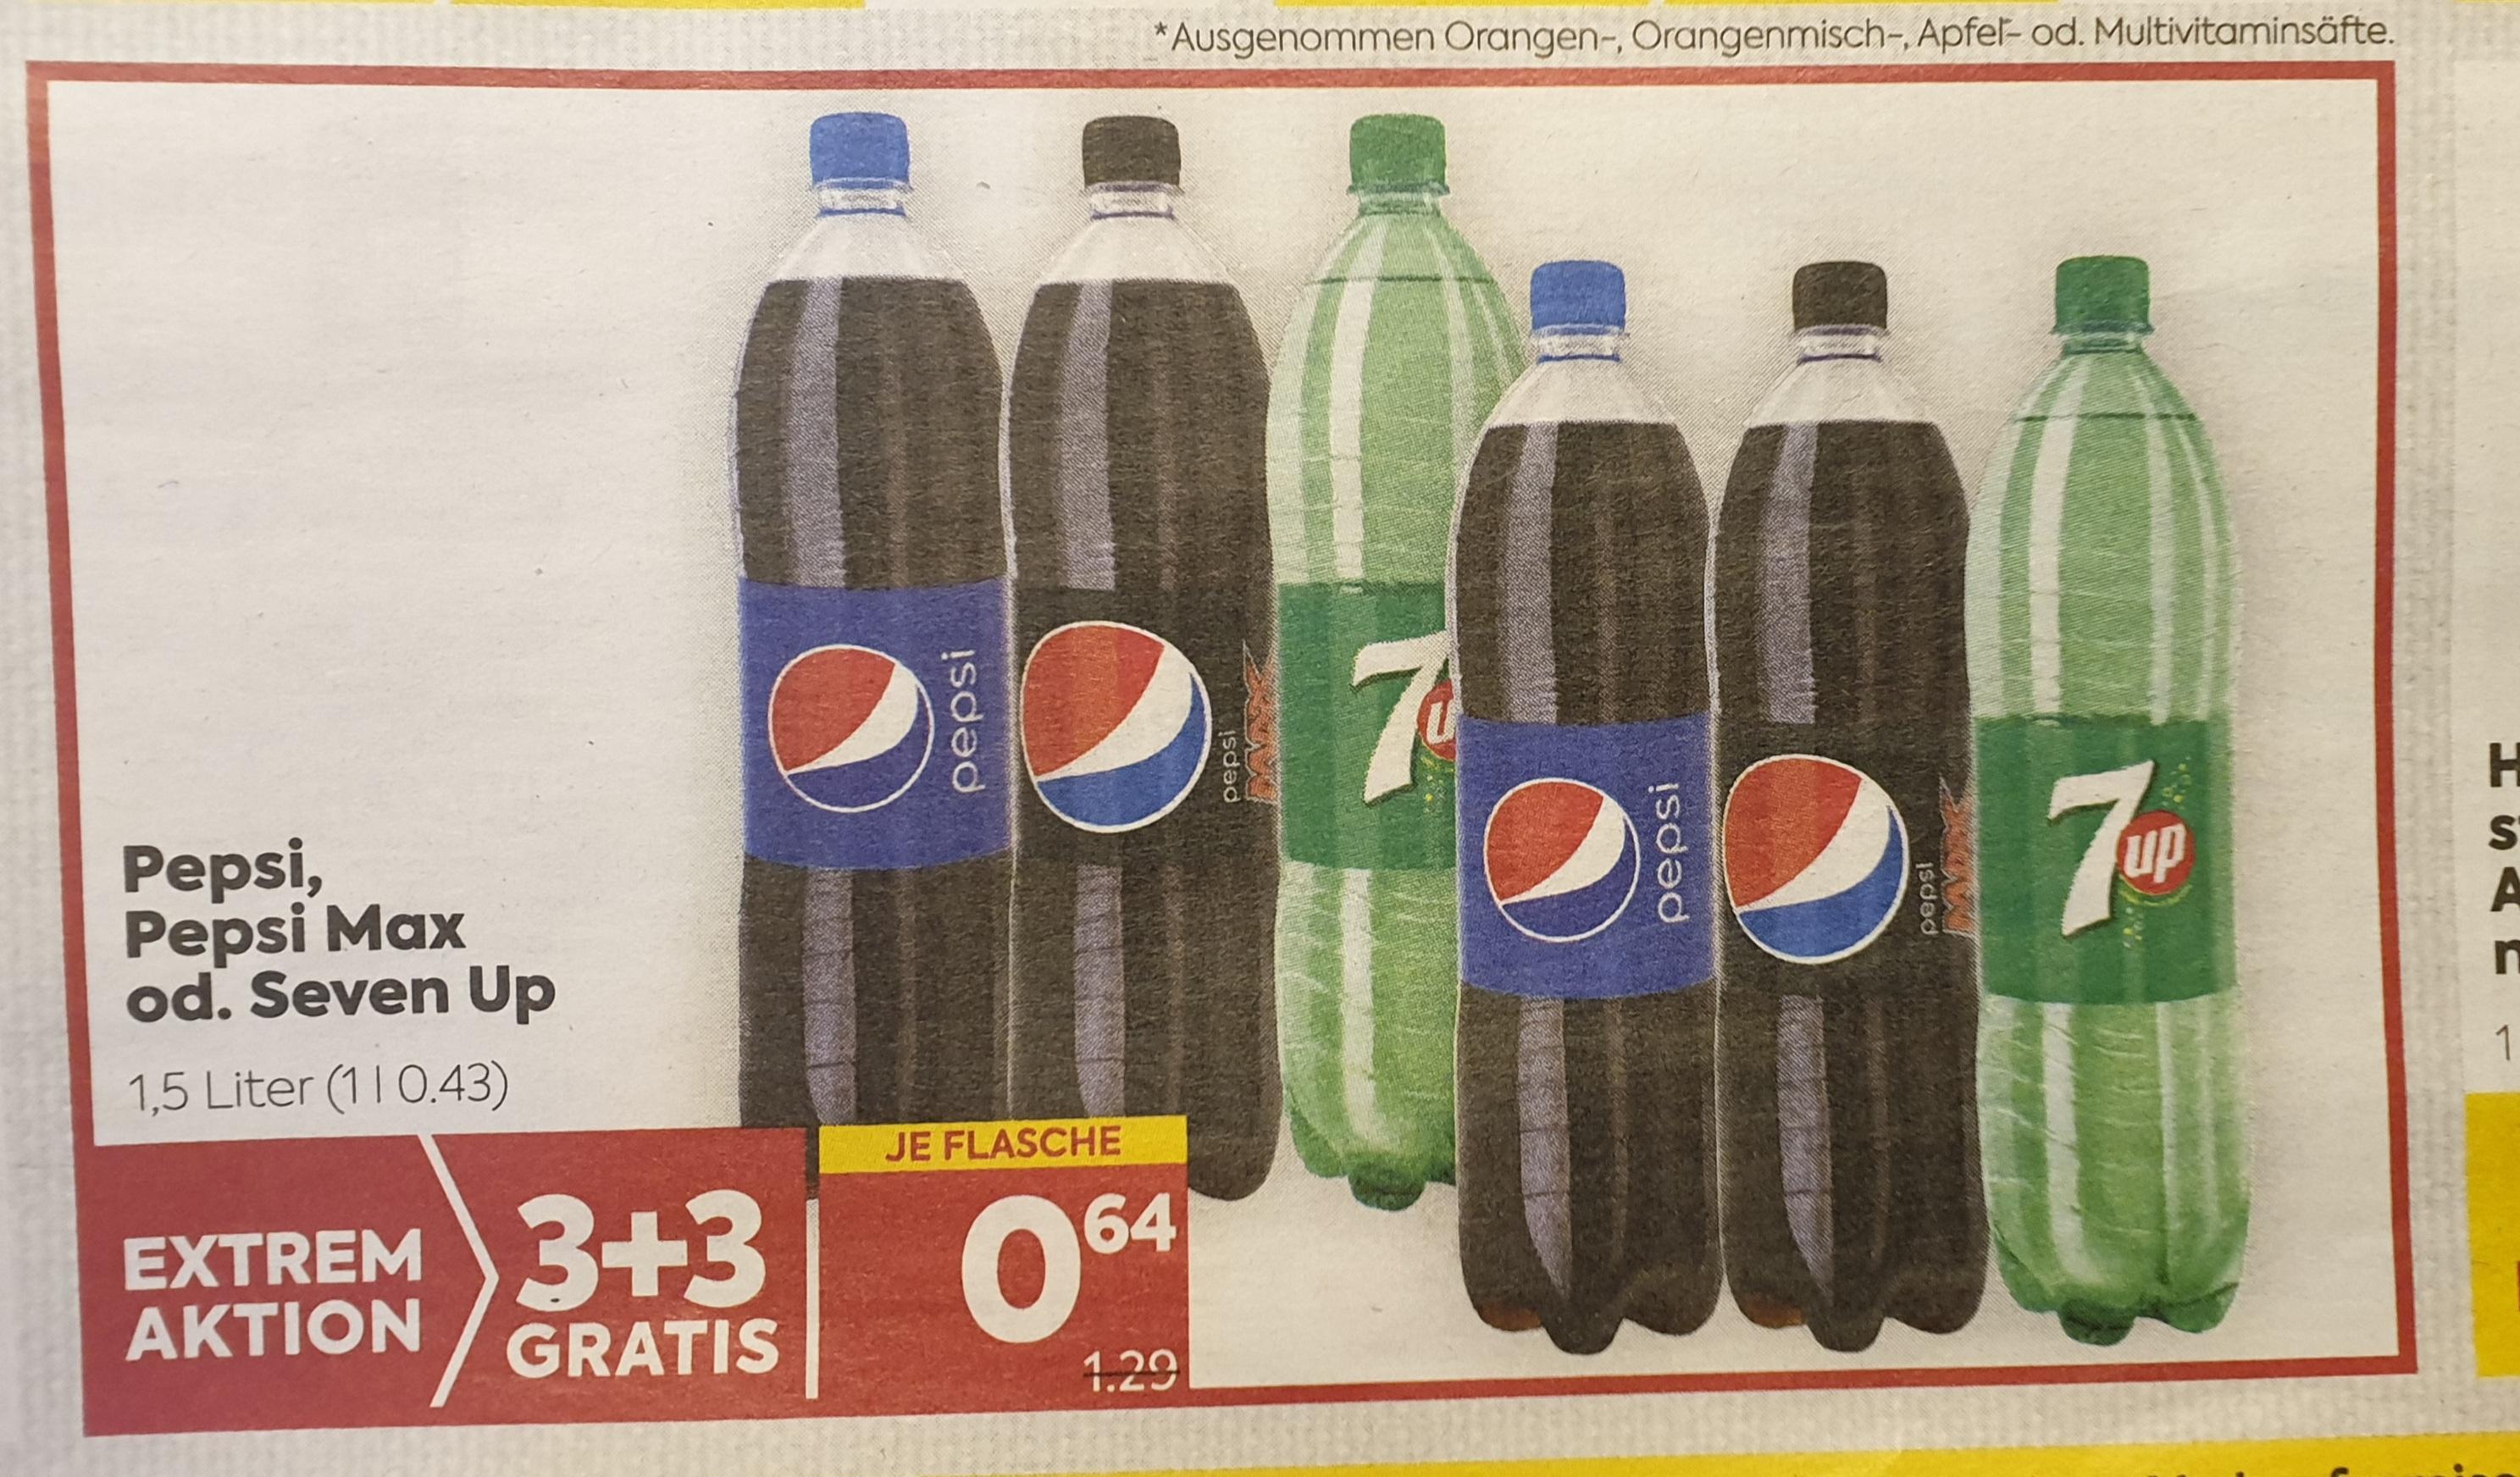 Extrem-Aktion 3+3 Gratis auf Pepsi, Pepsi Max und 7Up. Bei Billa und Billa-Plus